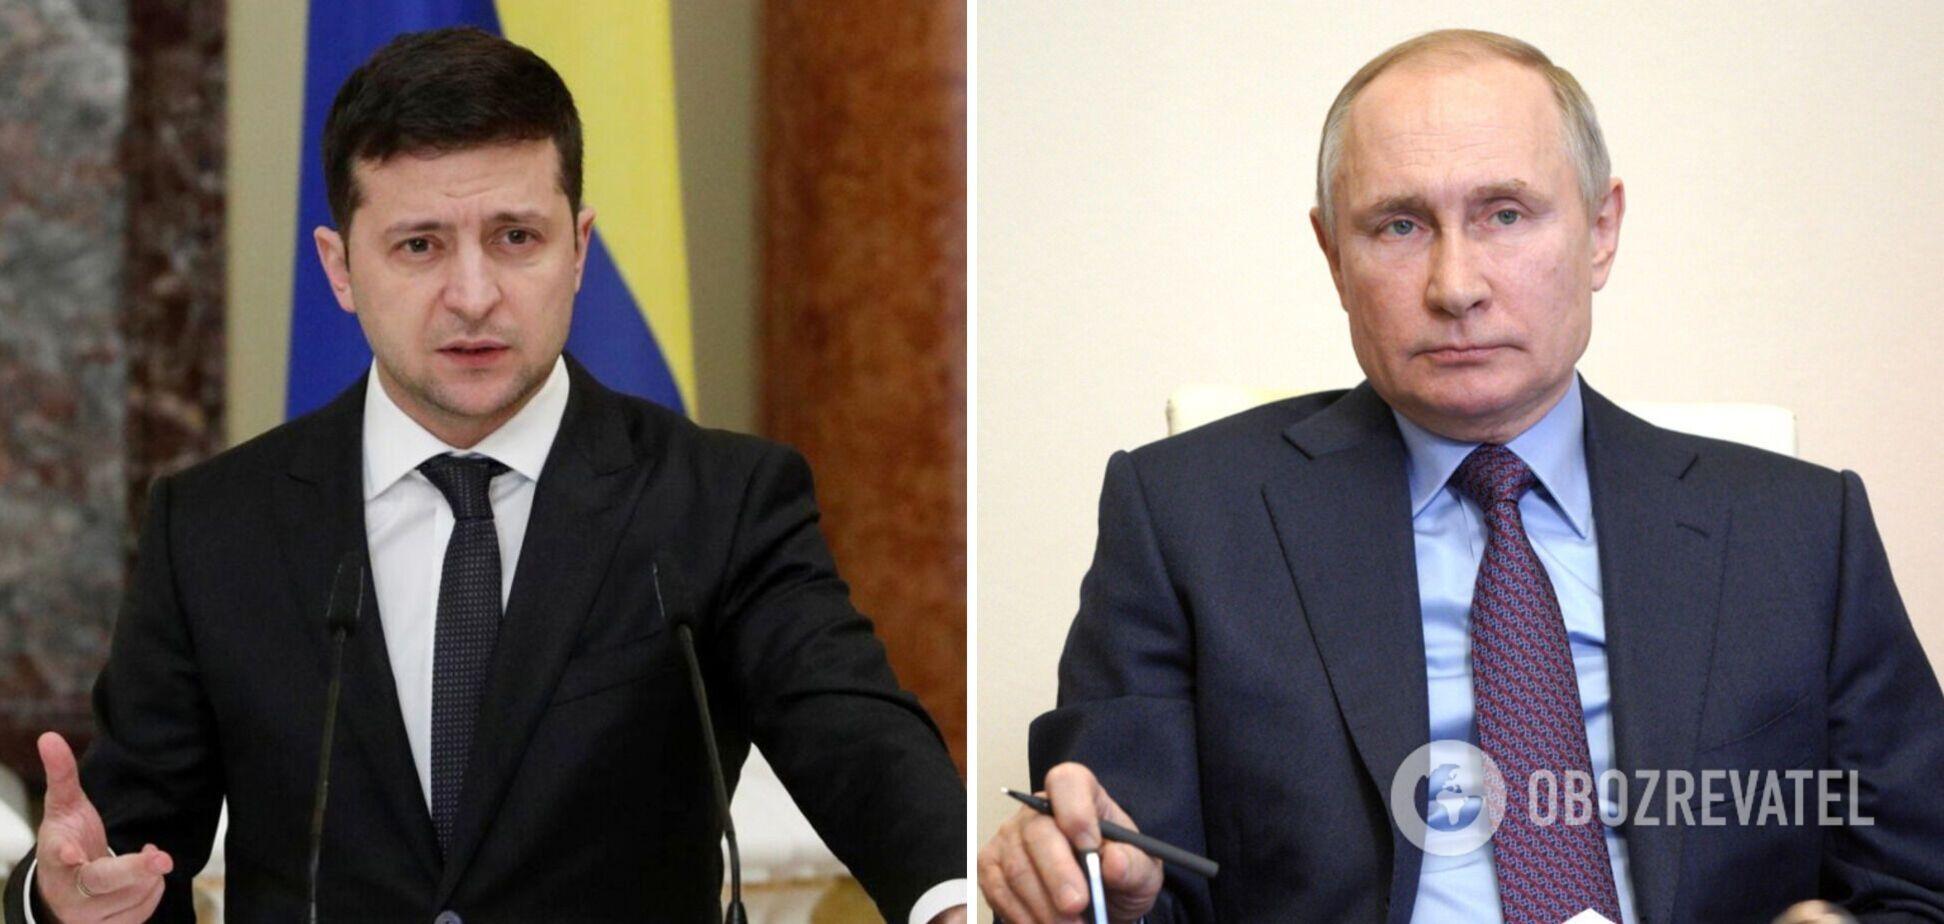 Никифоров назвал главный вопрос, который Зеленский хотел бы обсудить с Путиным